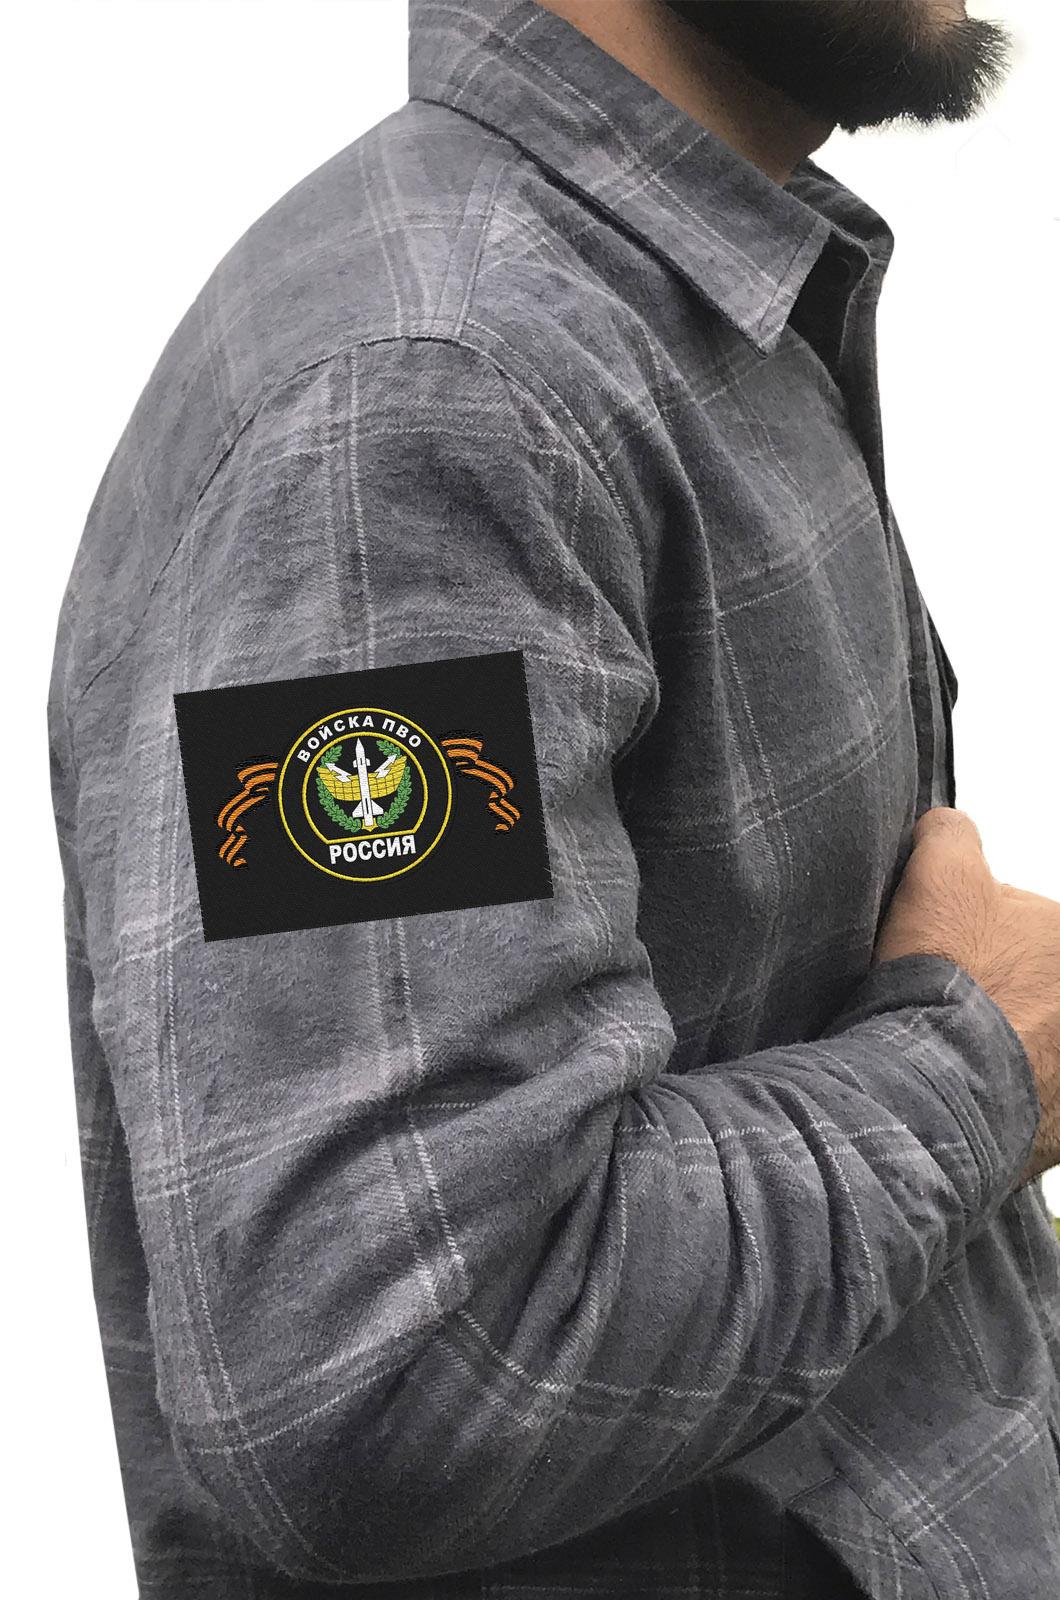 Практичная серая рубашка с вышитым шевроном ПВО - купить в Военпро